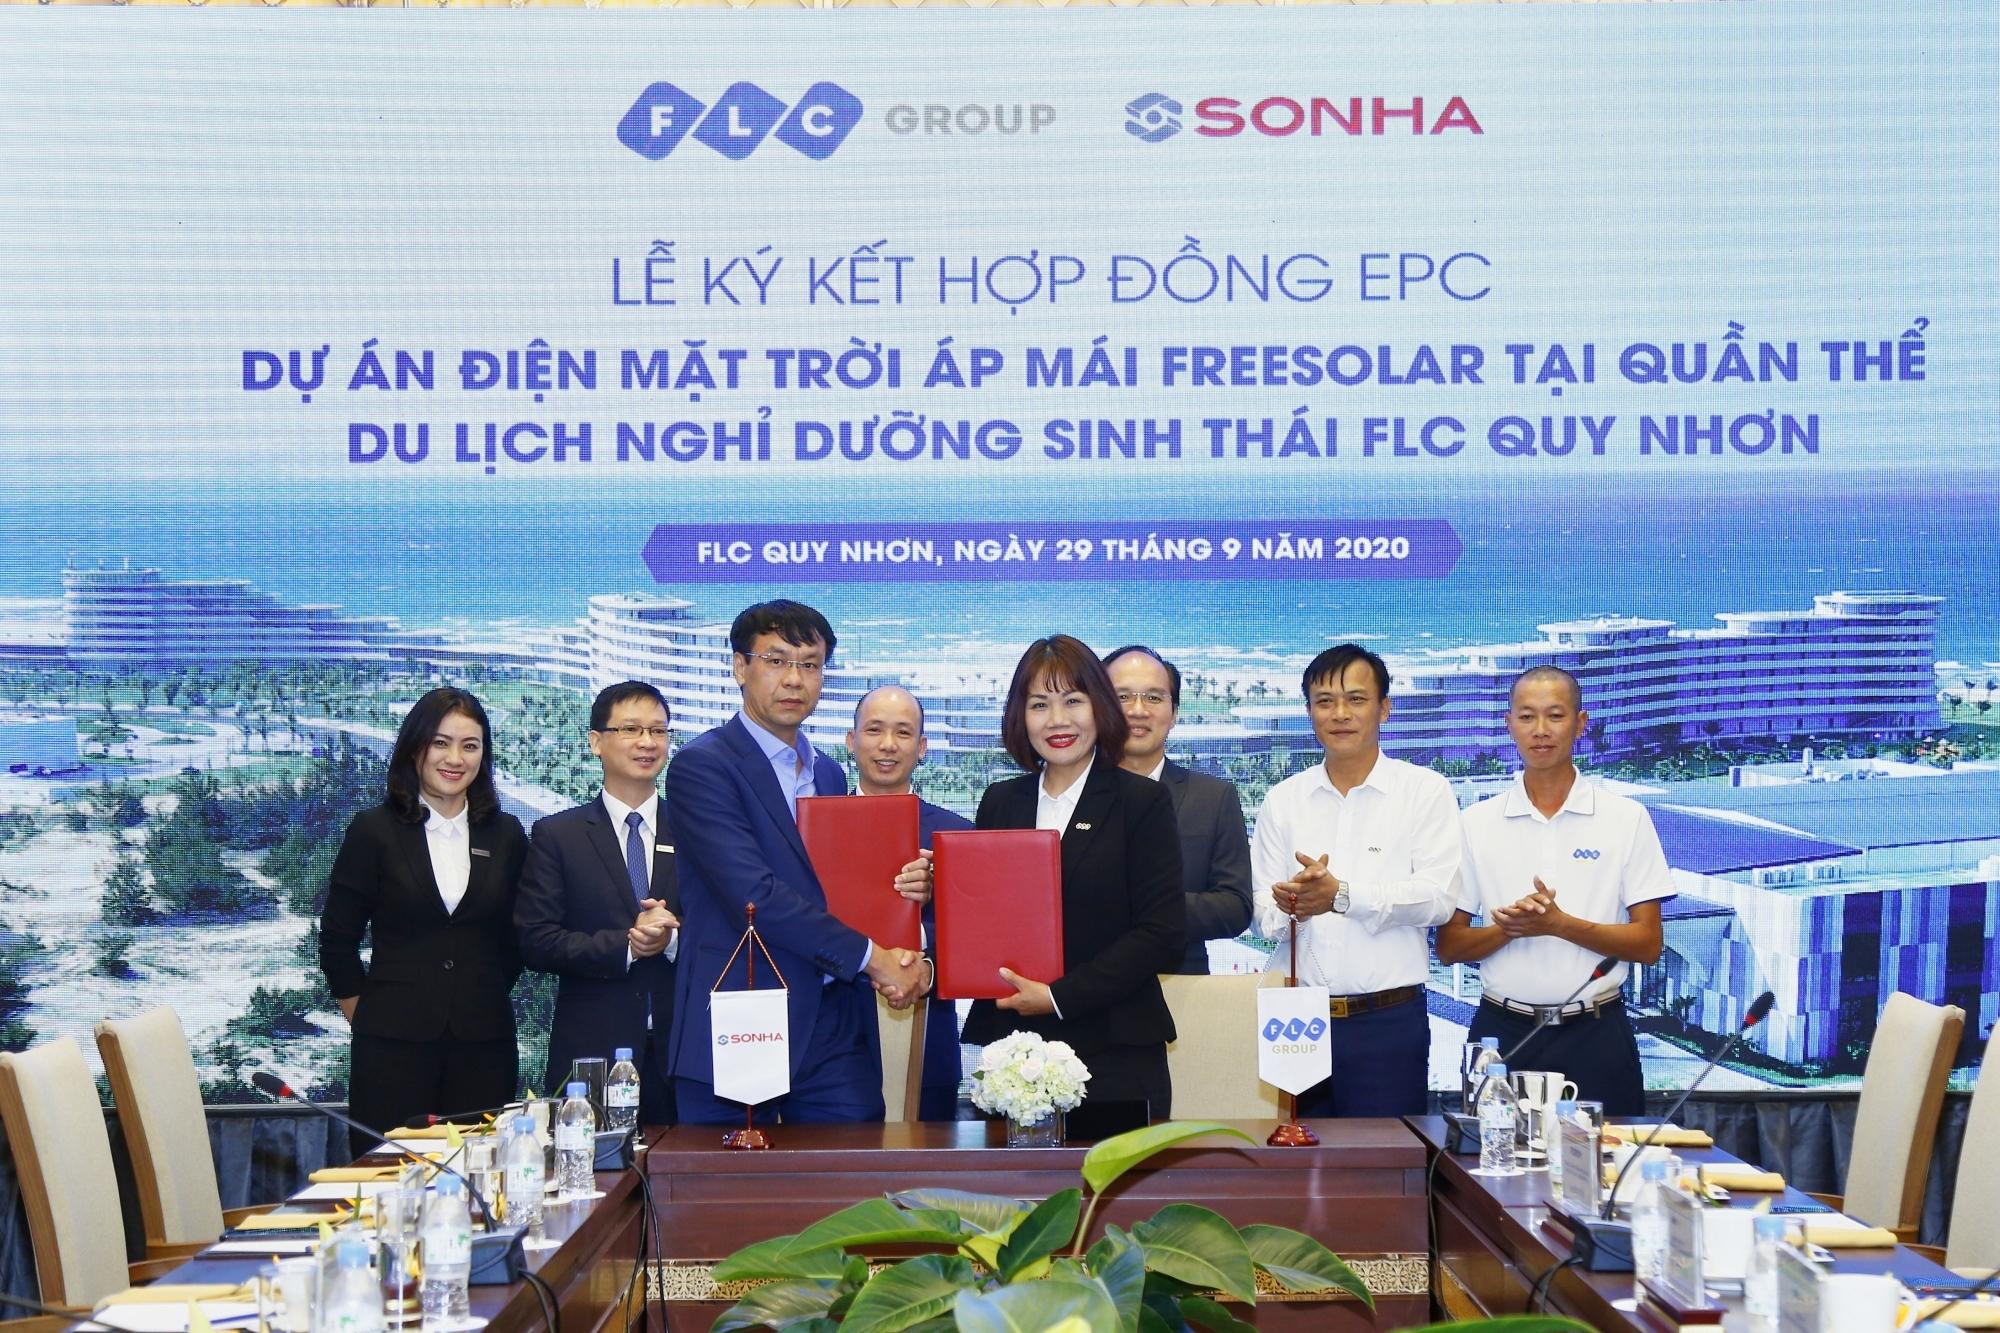 Tập đoàn Sơn Hà ký kết với Tập đoàn FLC về việc lắp đặt điện mặt trời áp mái FreeSolar tại FLC Quy Nhơn